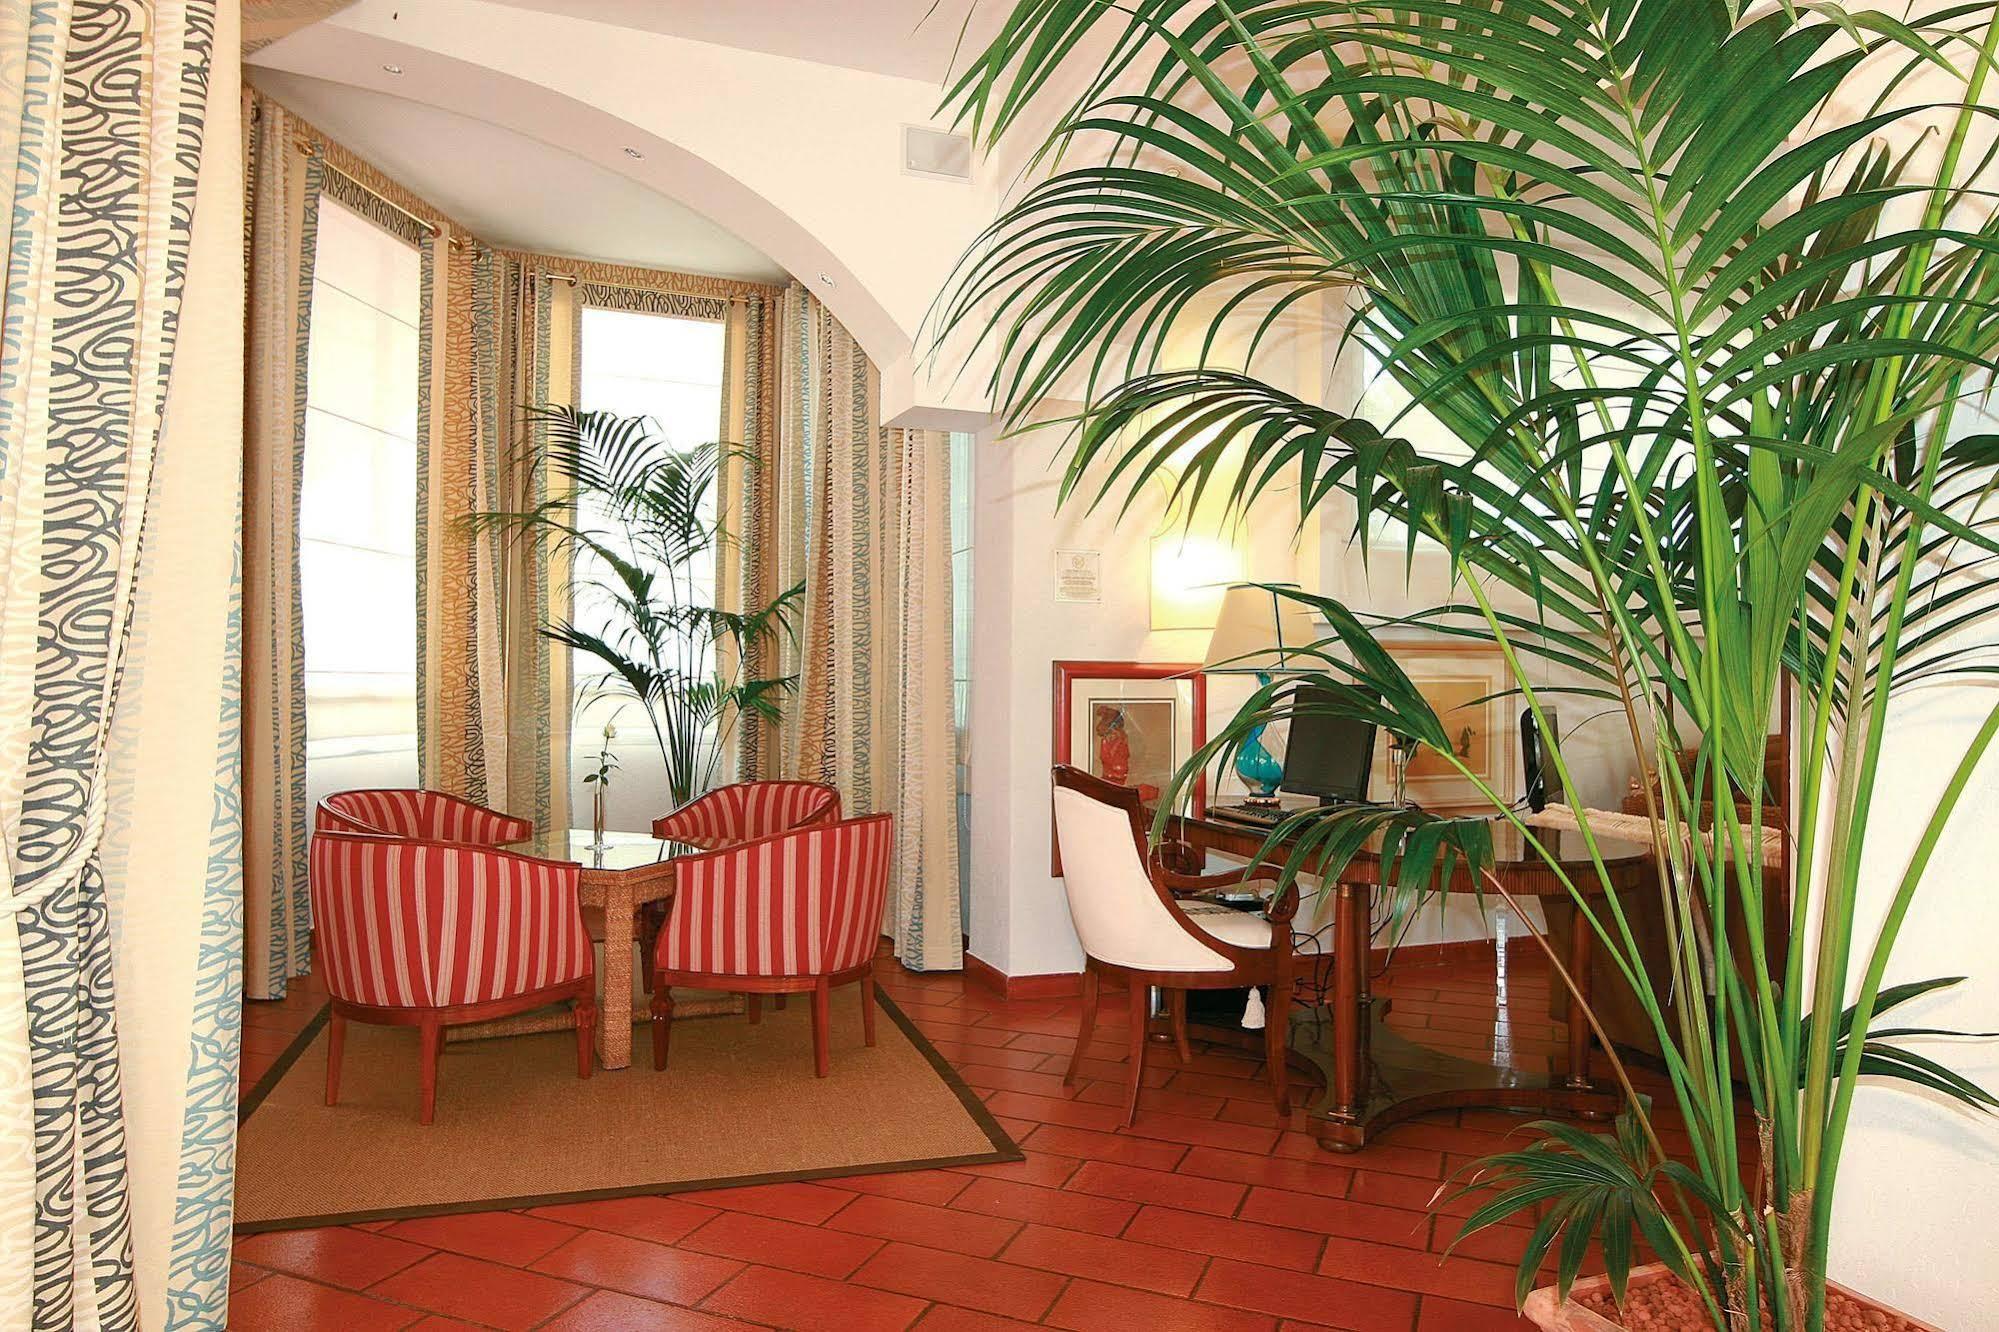 Hotel Maracaibo